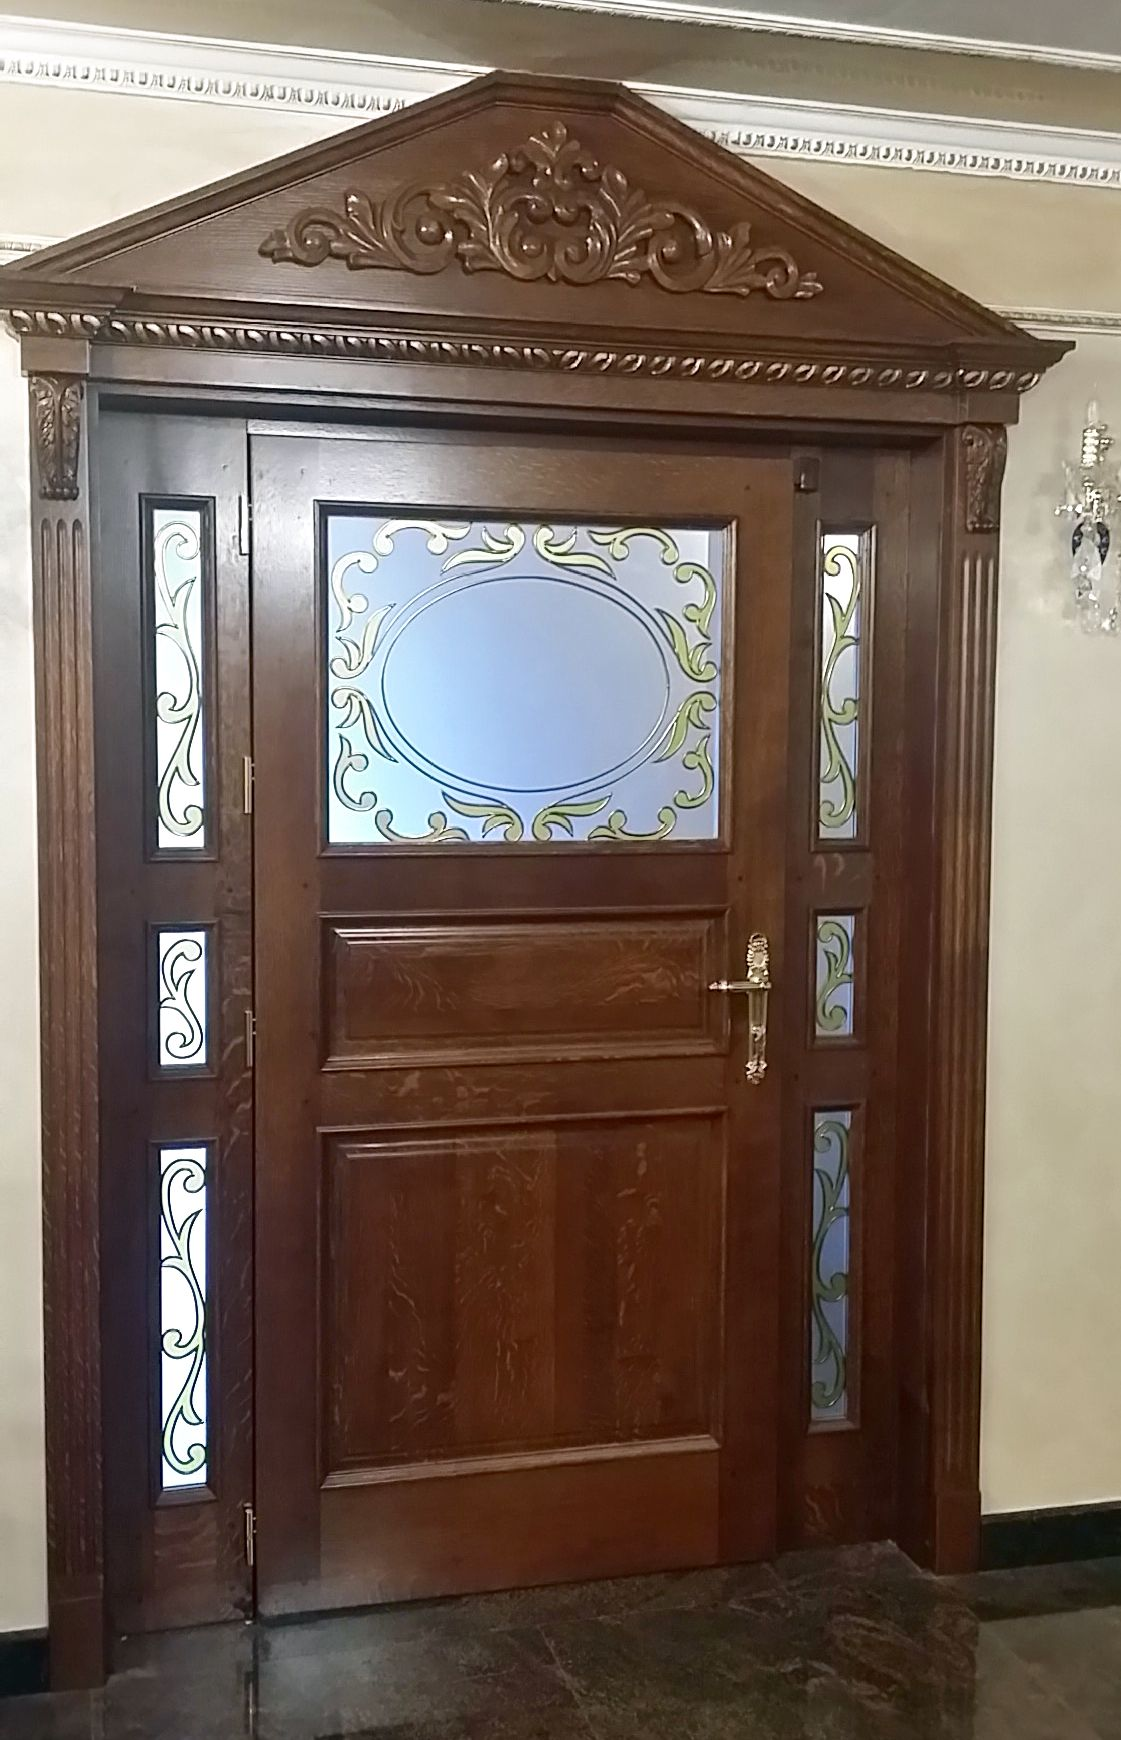 interiorna-vrata-ot-db-s-rezba-pozlata-i-vitrazh